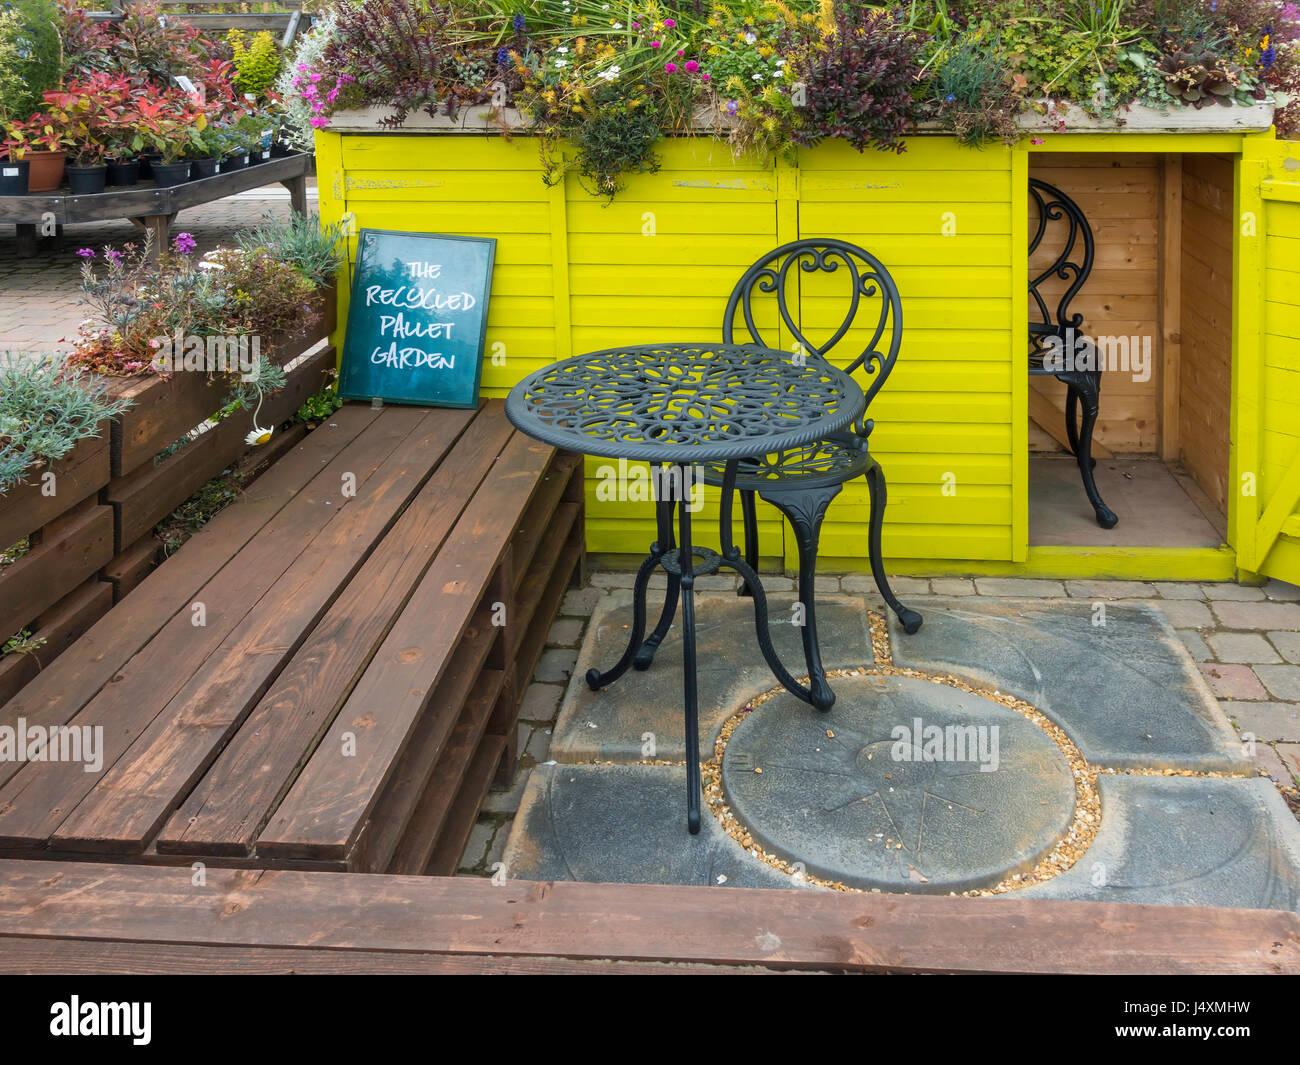 Garden Furniture For Sale Stock Photos Garden Furniture